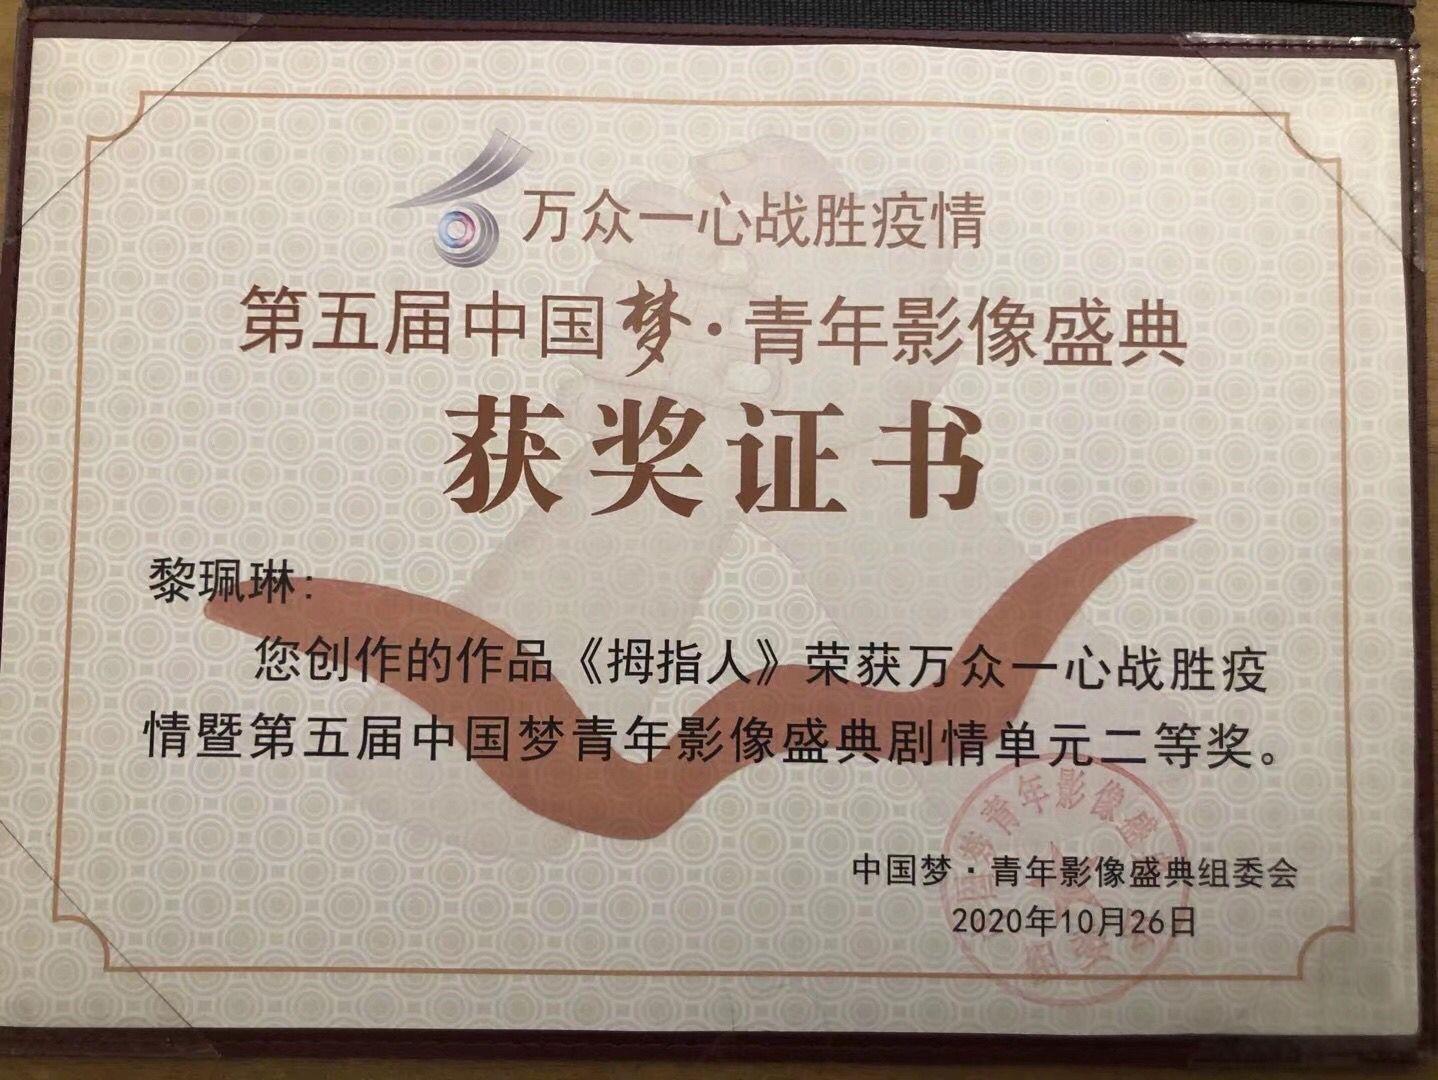 《拇指人》第五届中国梦·青年影像盛典获奖证书